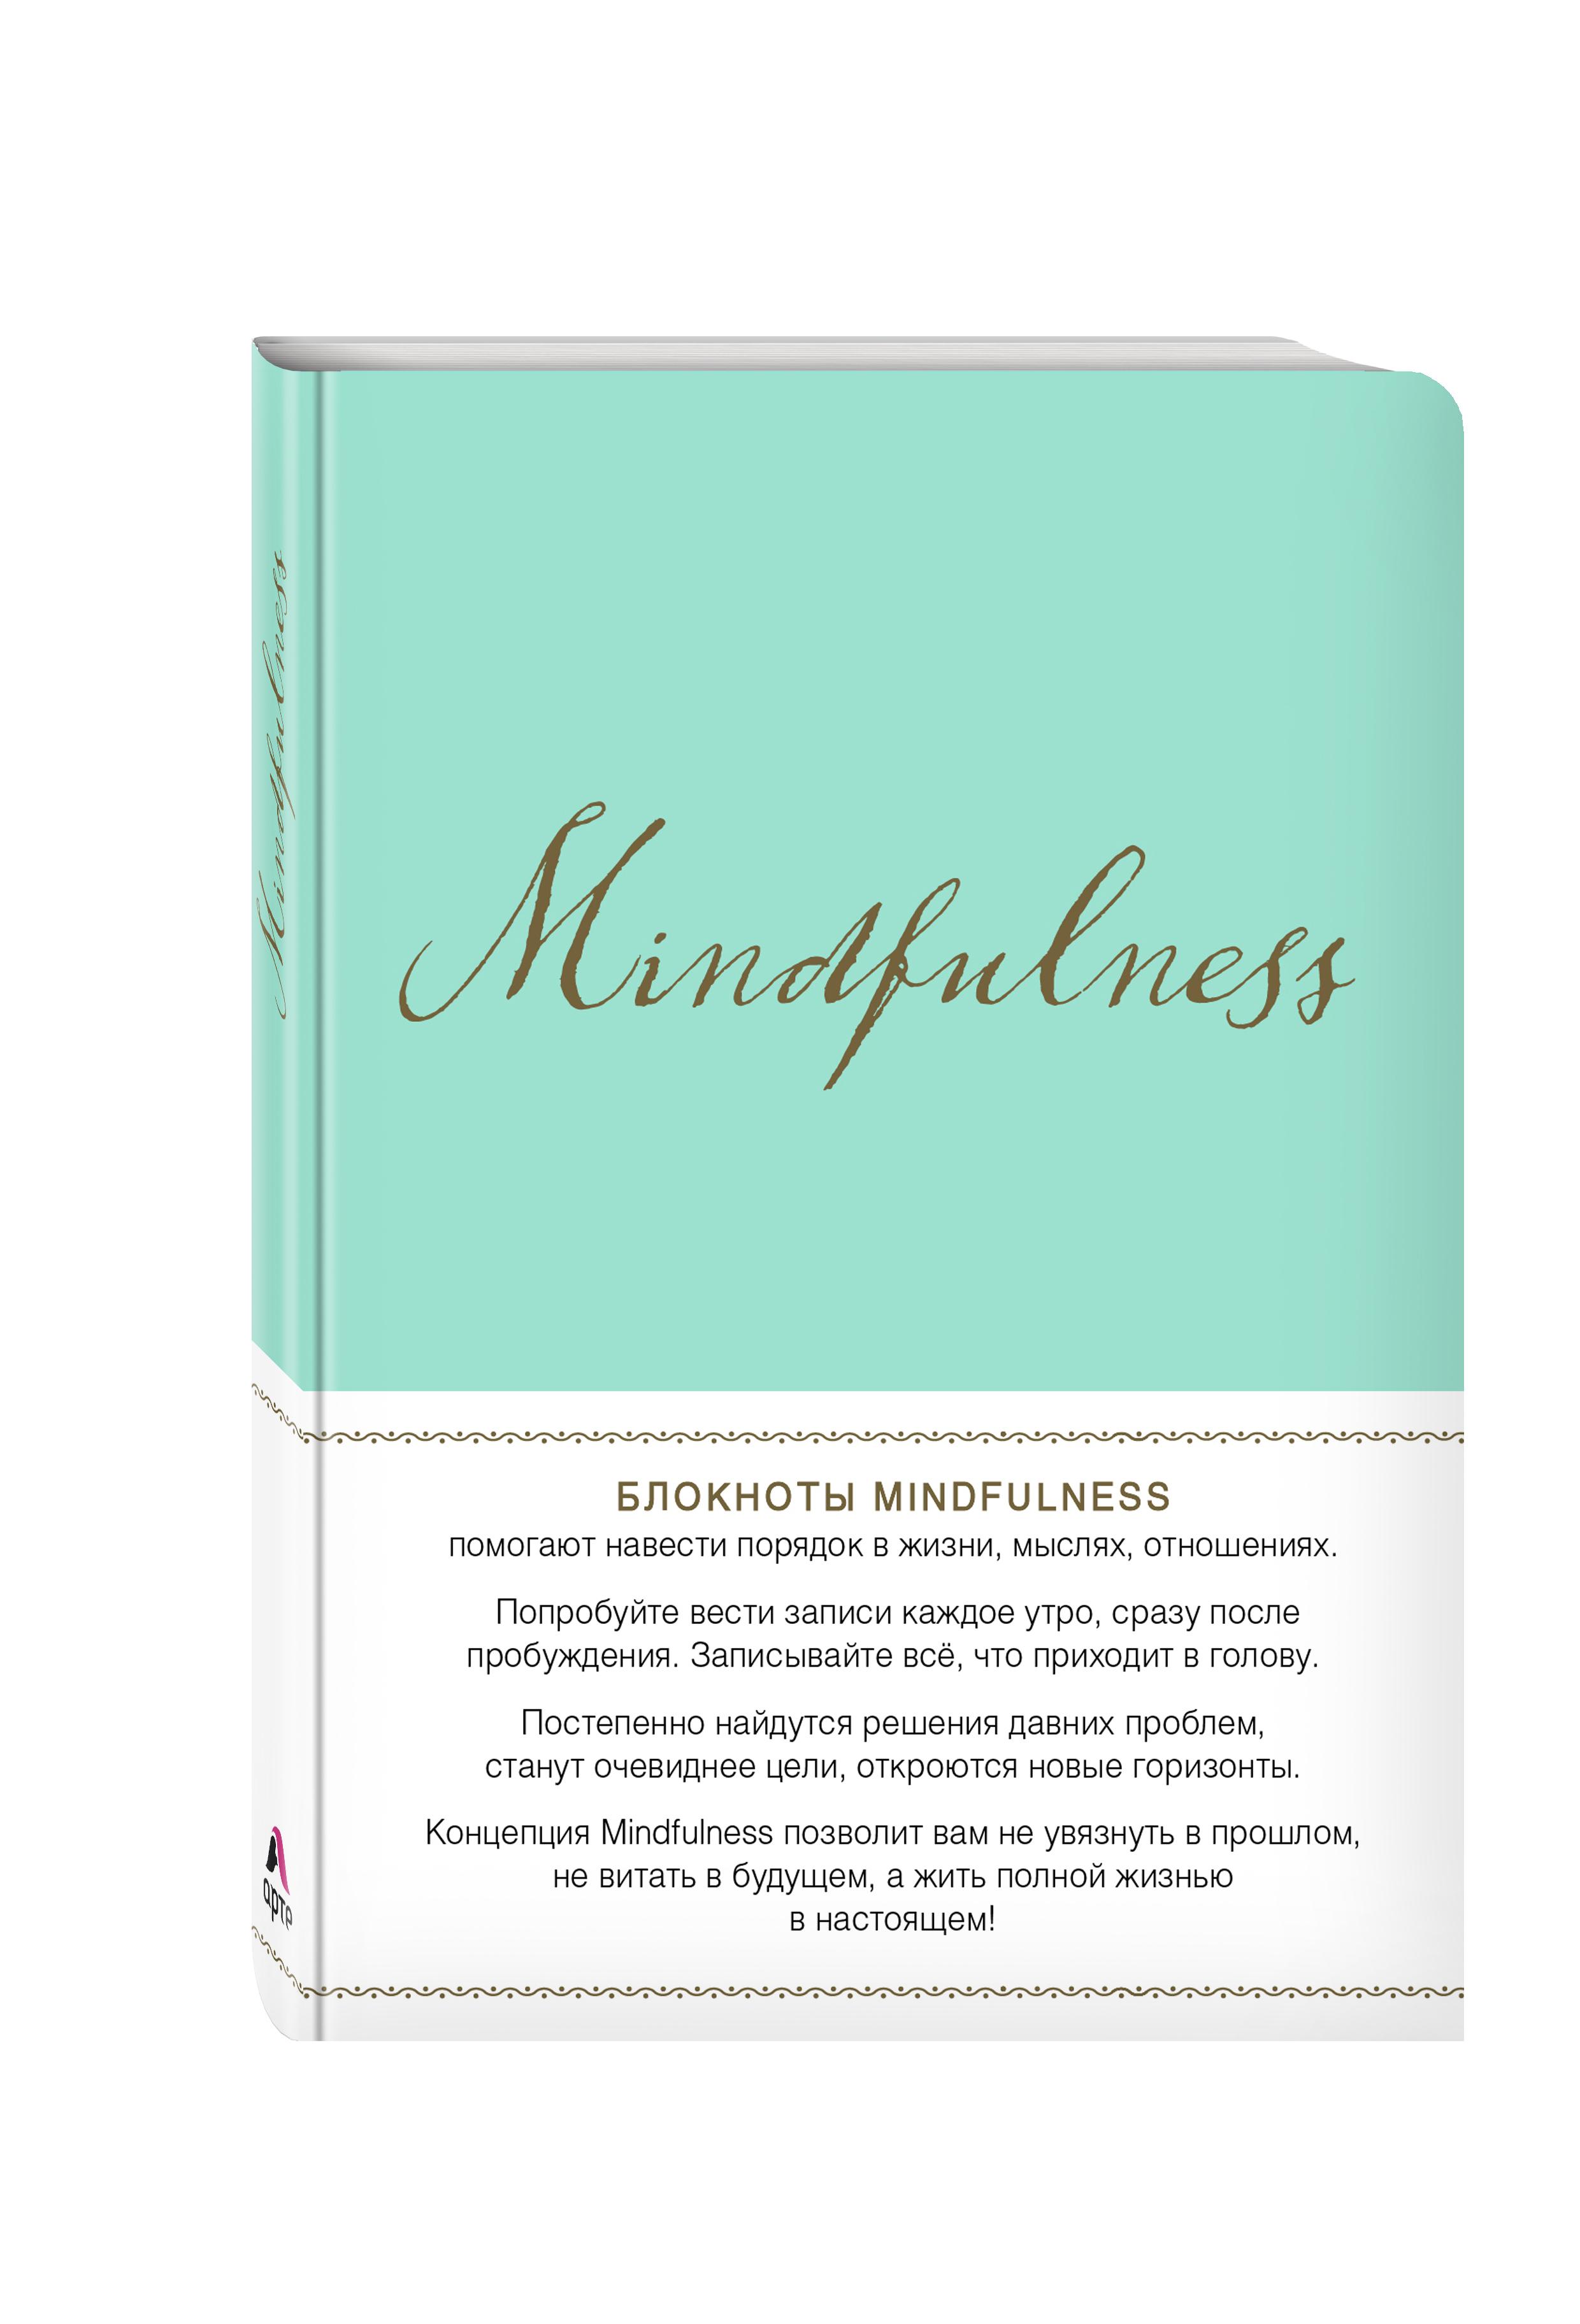 Mindfulness. Утренние страницы (мята) (скругленные углы) (Арте) mind ulness утренние страницы лимон скругленные углы